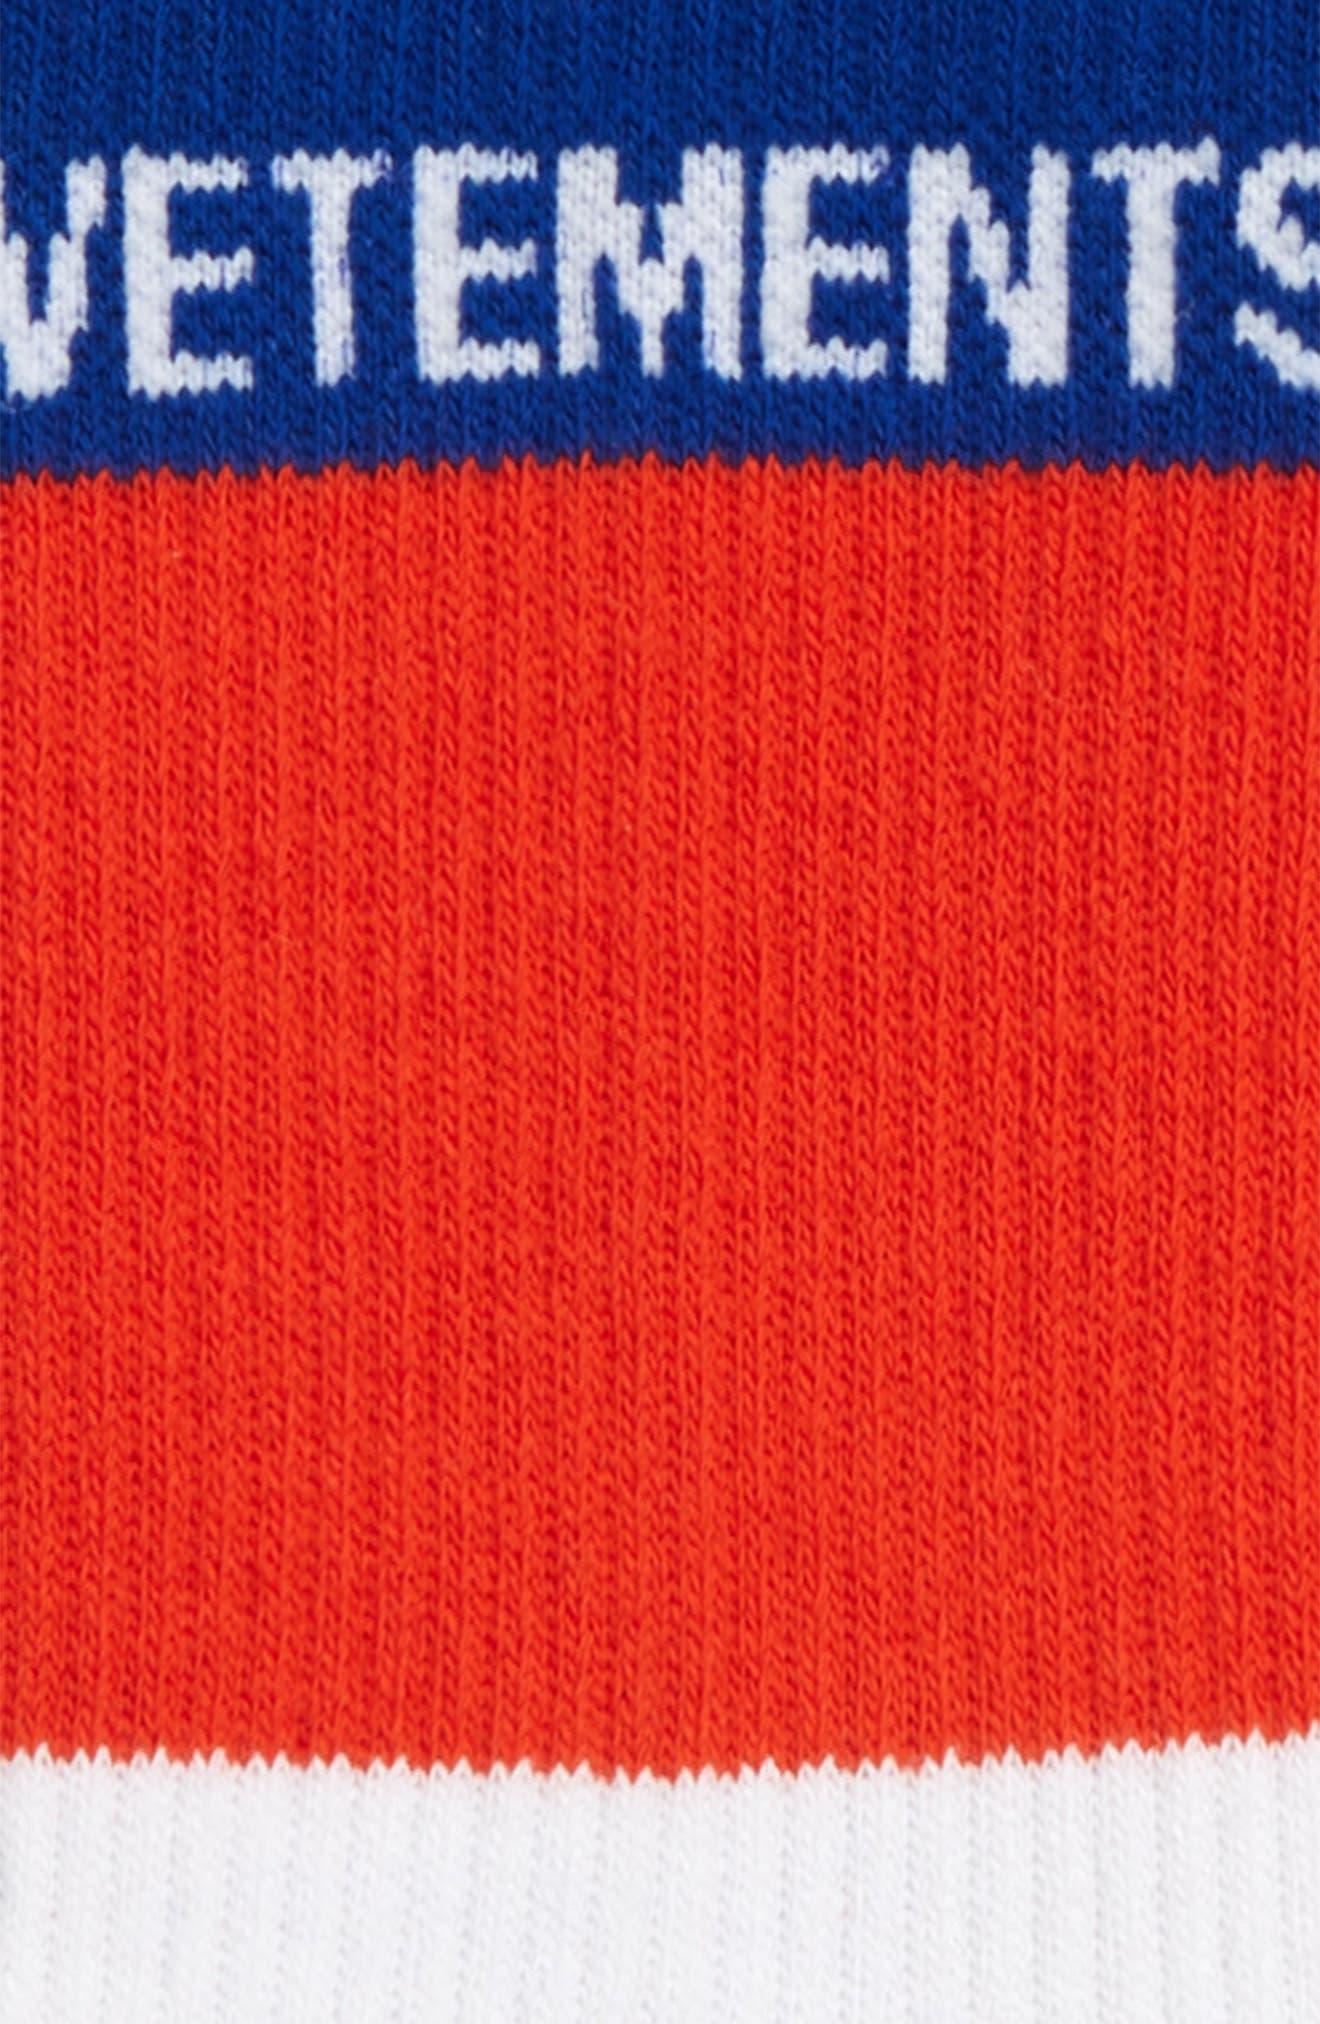 VETEMENTS, Stripe Socks, Alternate thumbnail 2, color, BLUE/ WHITE/ RED